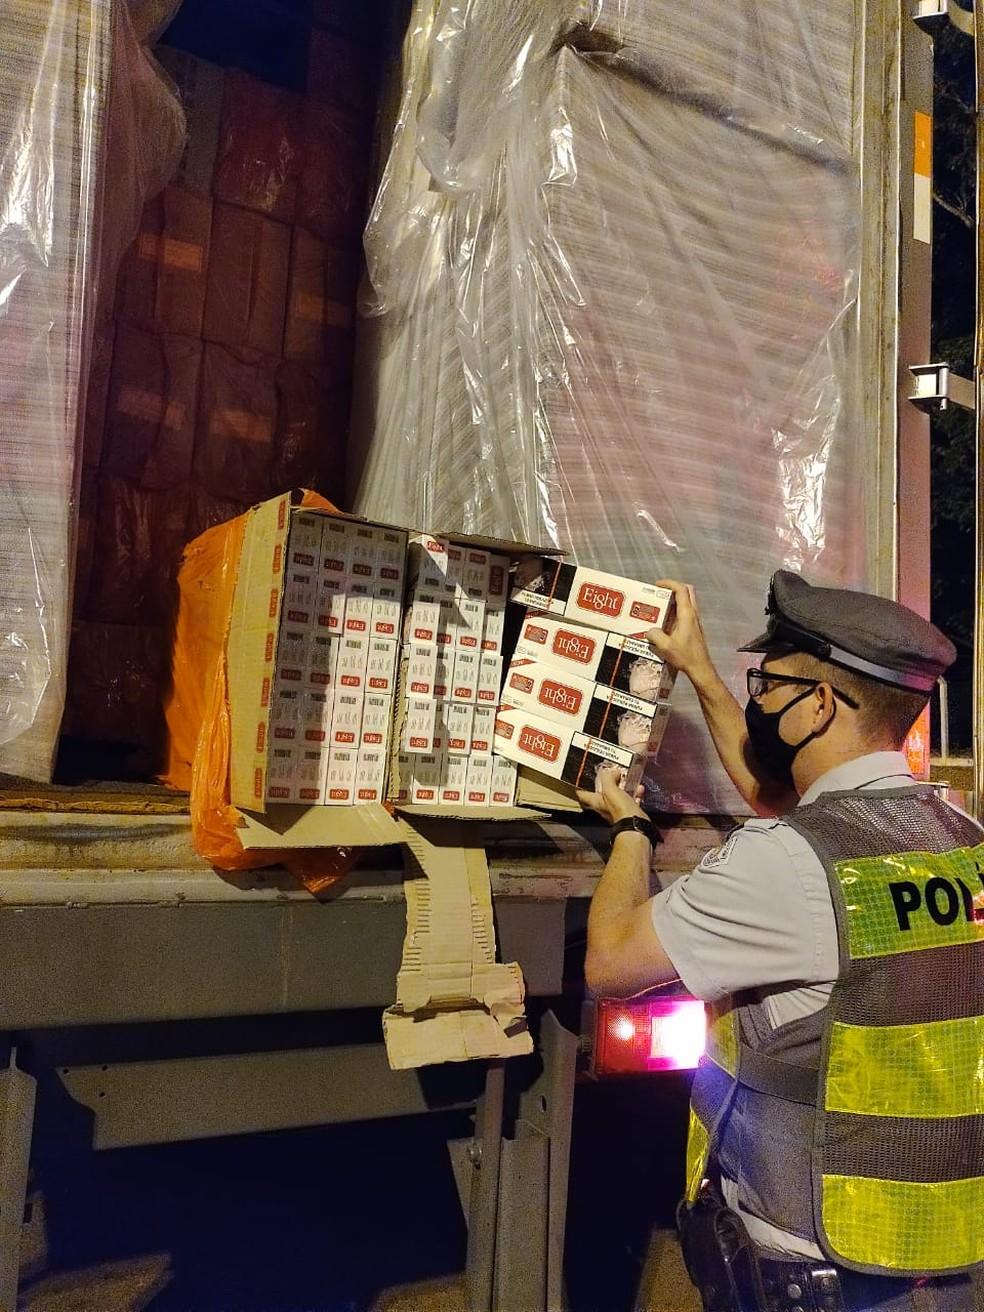 Cerca de 350 mil maços de cigarros foram apreendidos em Assis  — Foto: Polícia Rodoviária / Divulgação